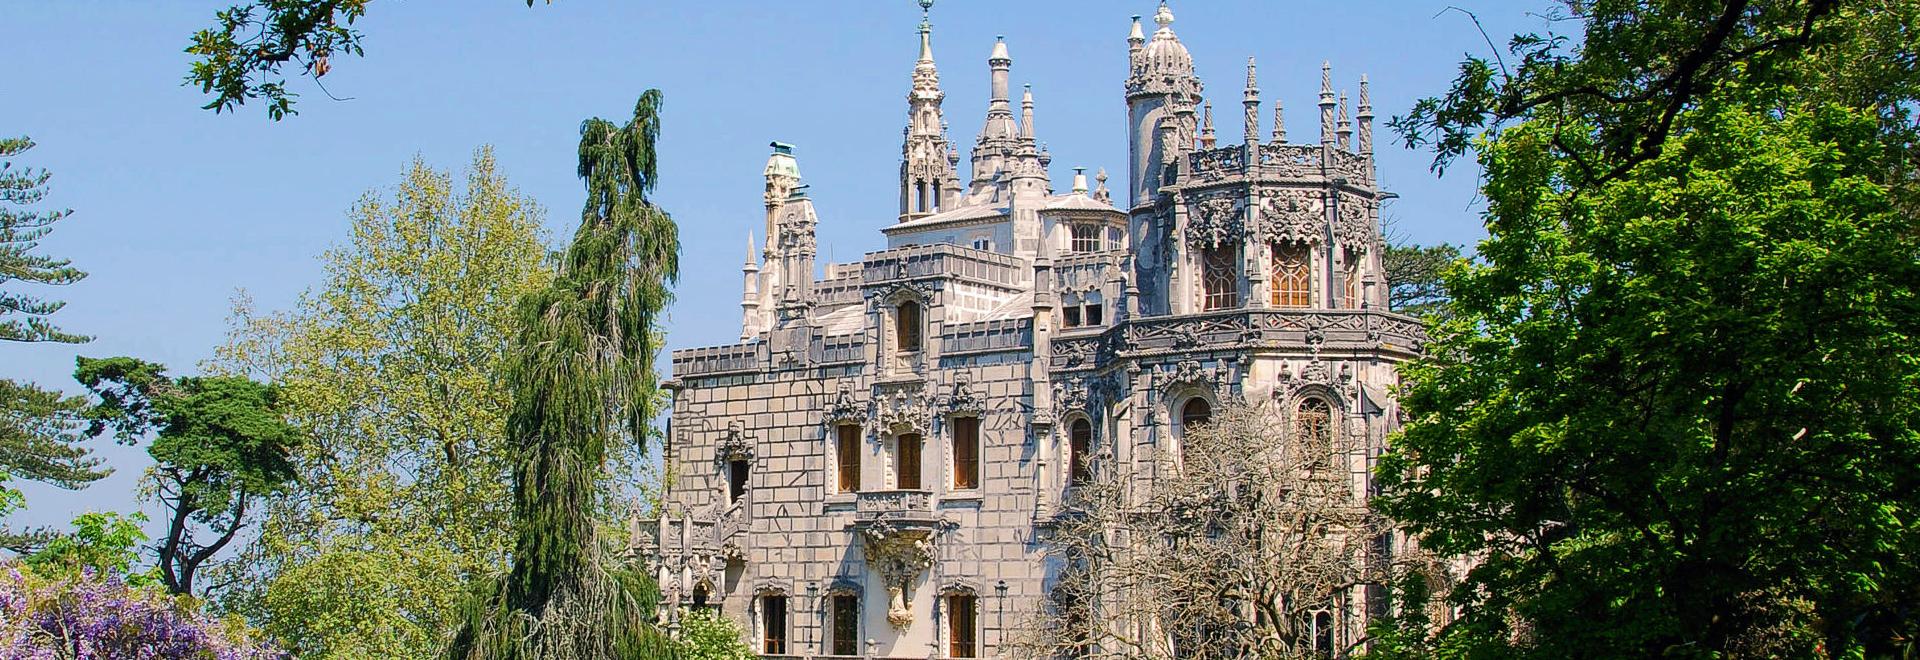 Quinta da regaleira jardins imaginaires et rituels for Jardines quinta da regaleira